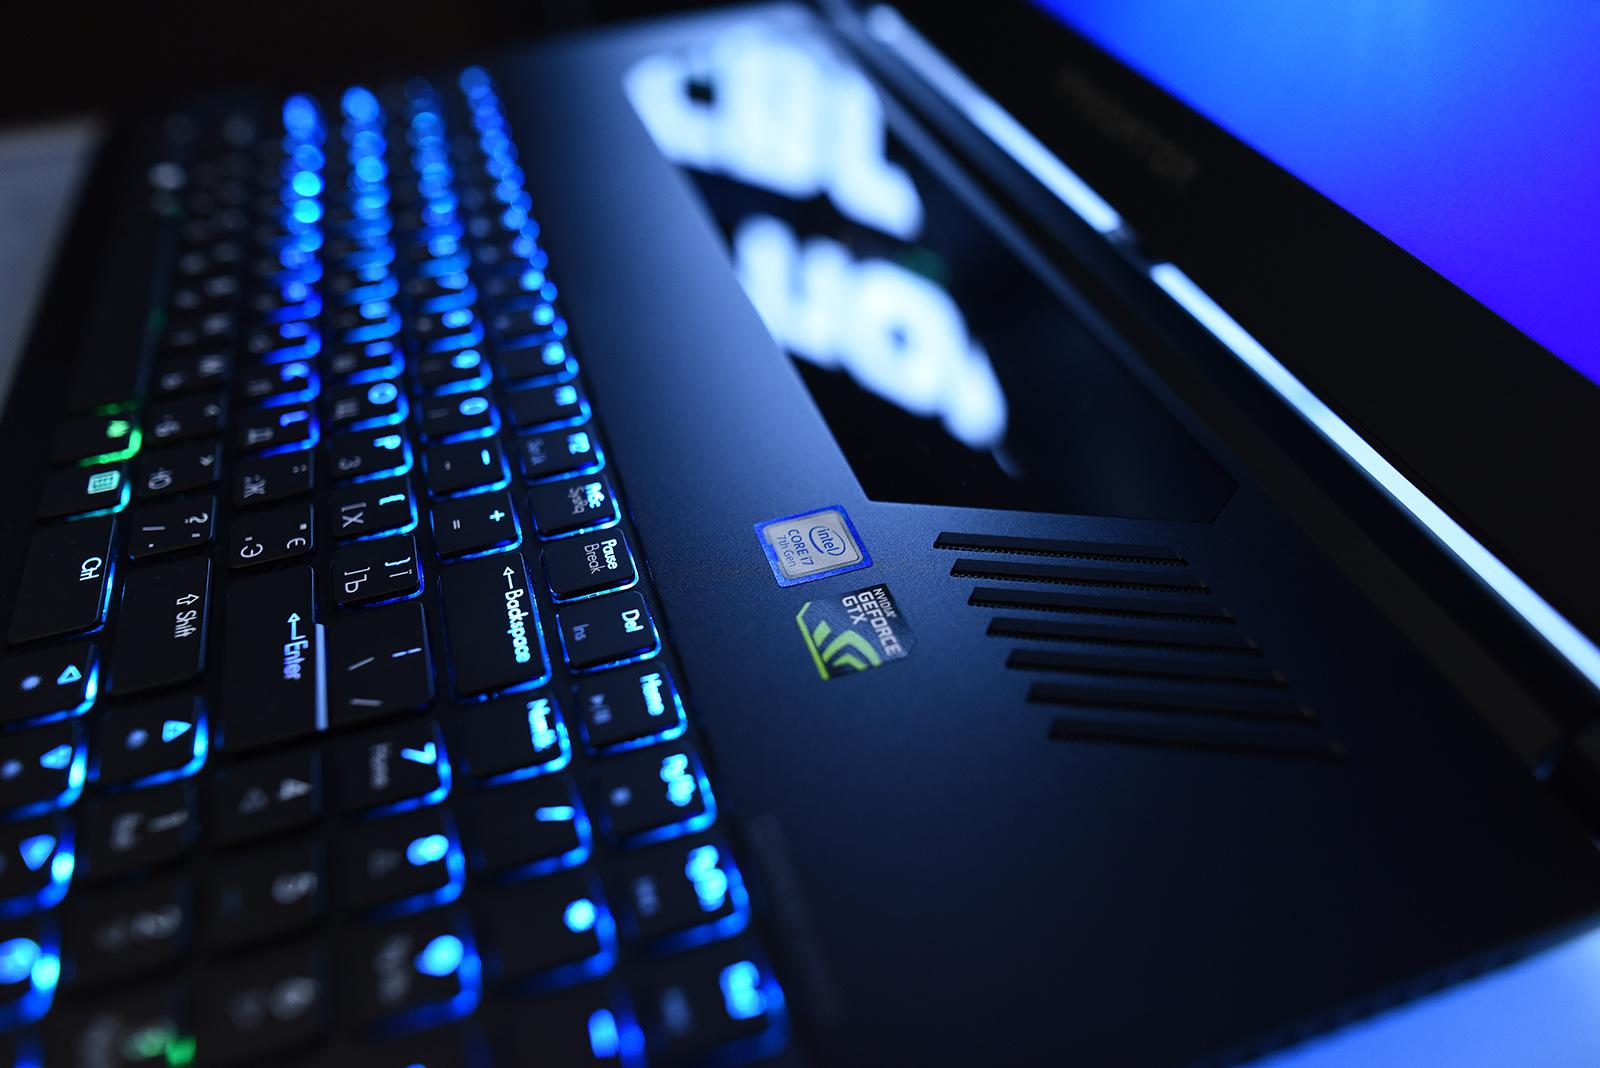 В Украине представлены игровые ноутбуки Acer Predator Helios 300 и Predator Triton 700